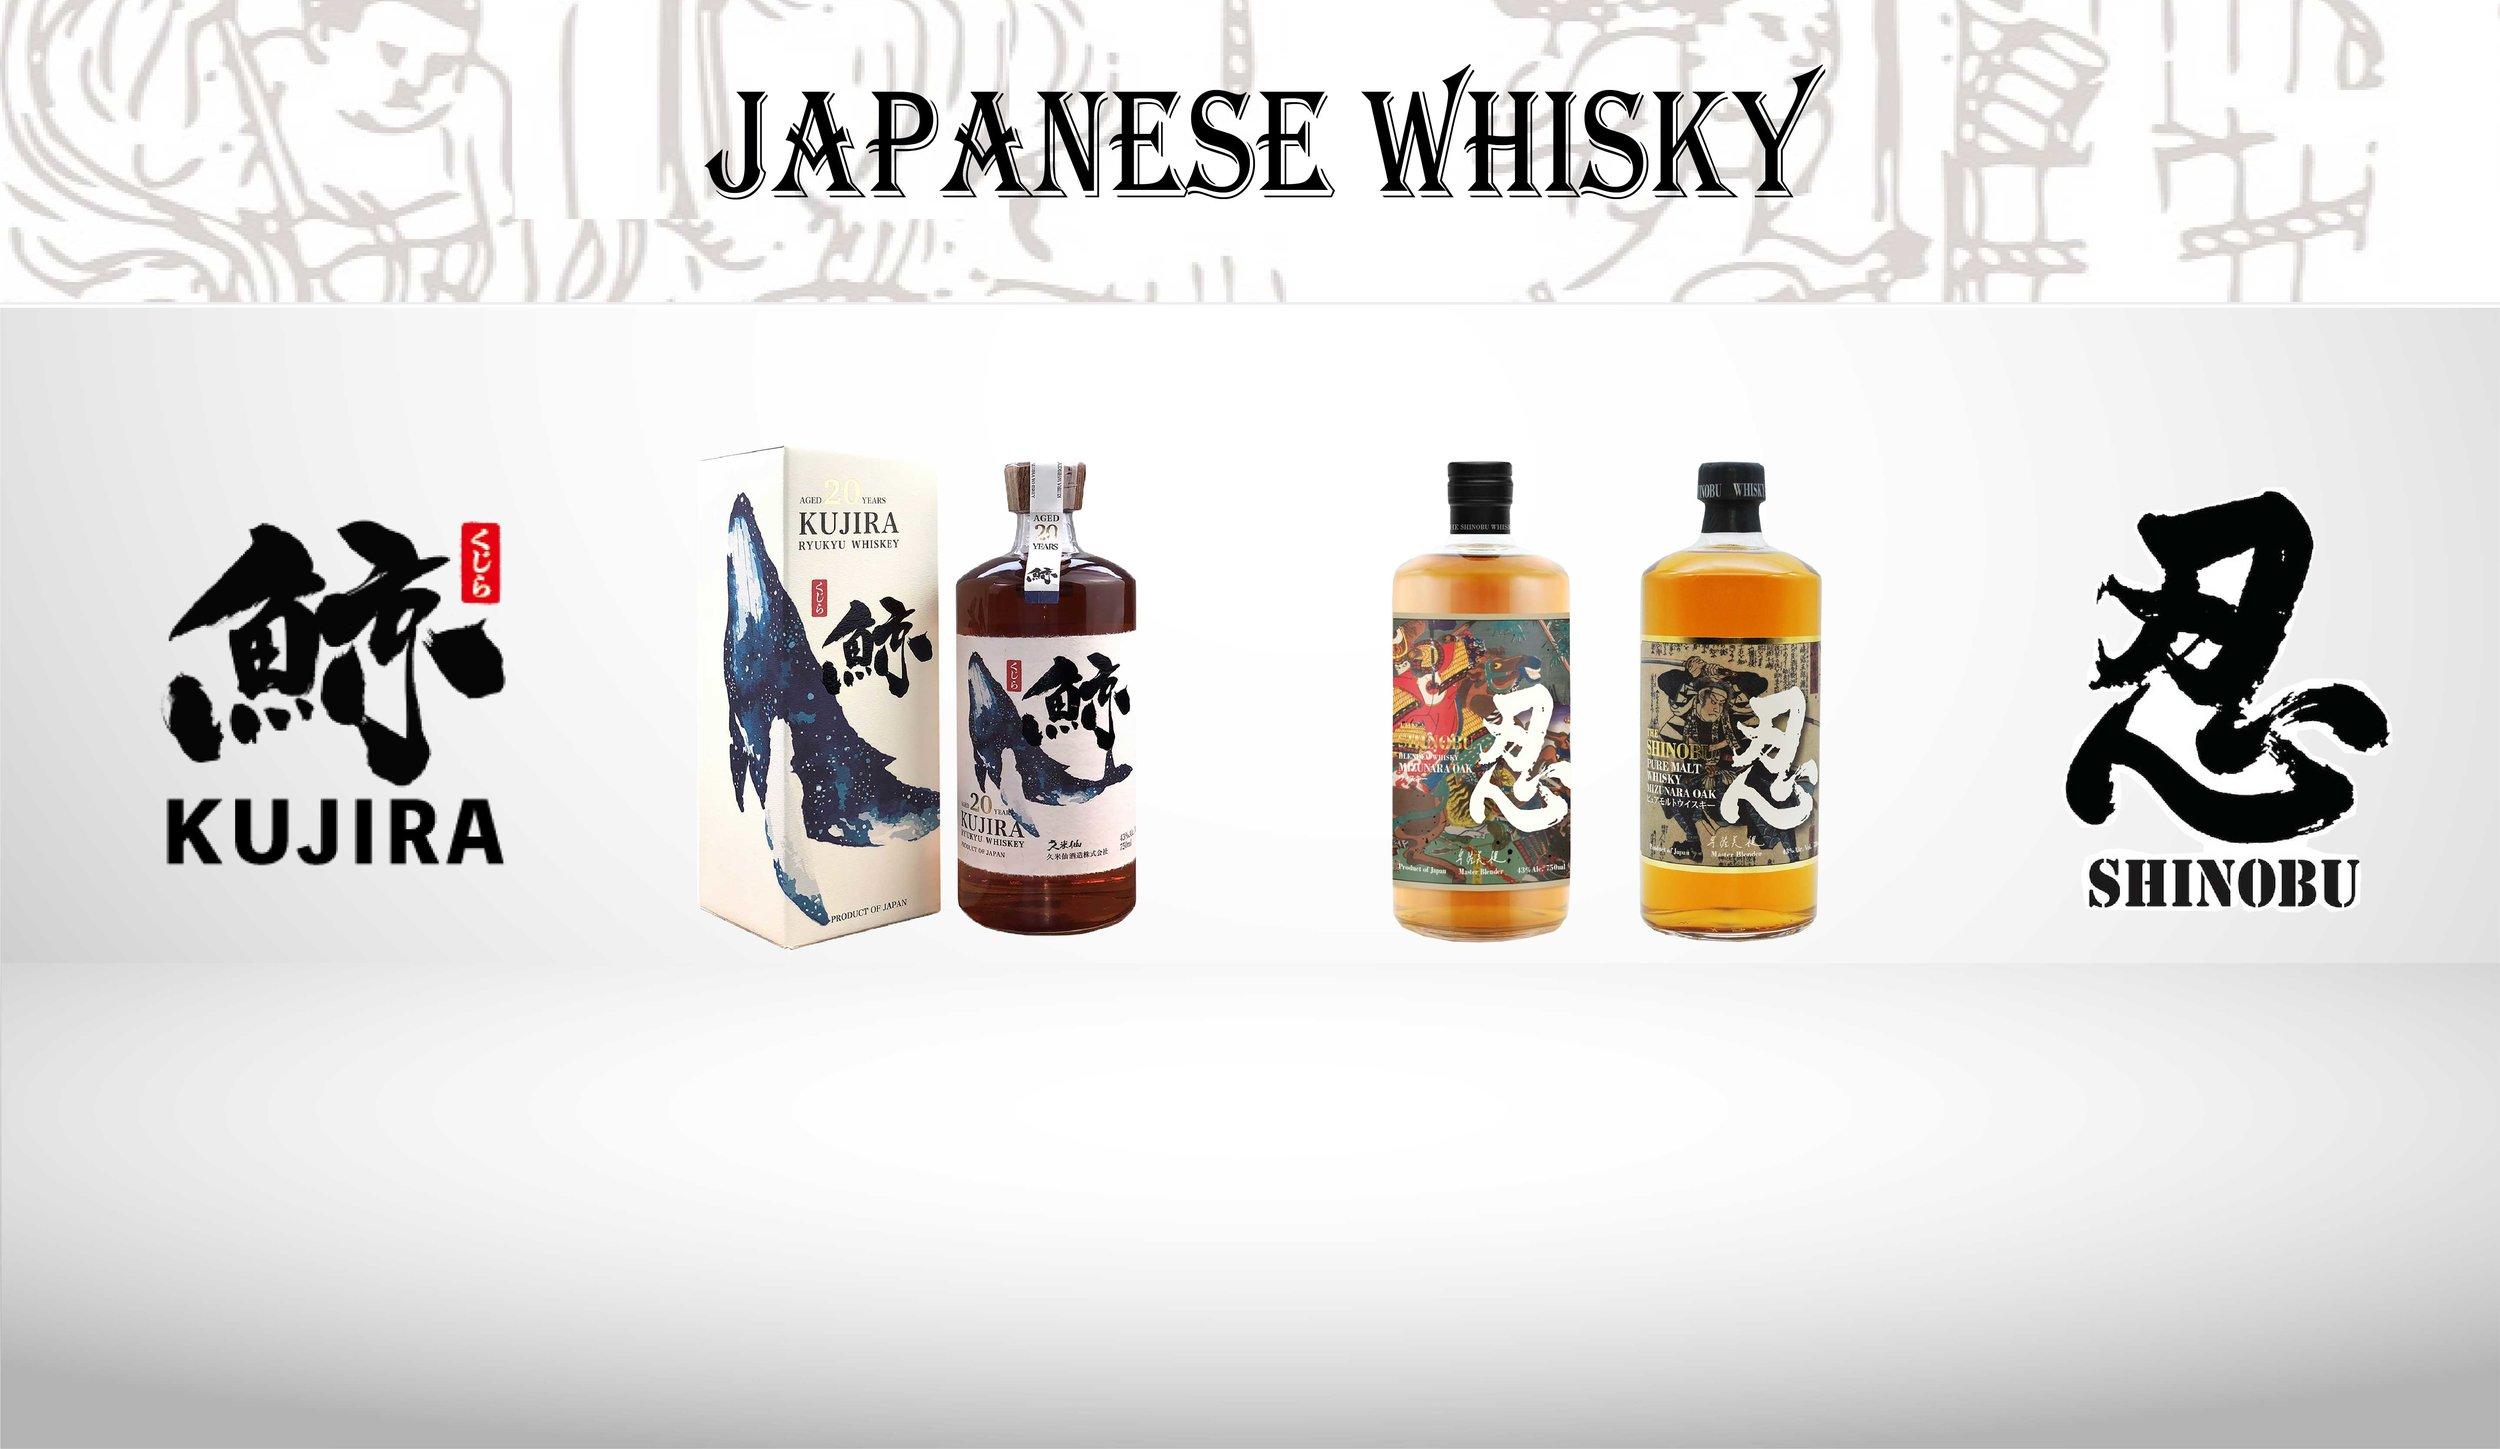 Japanese Whisky_S-01.jpg